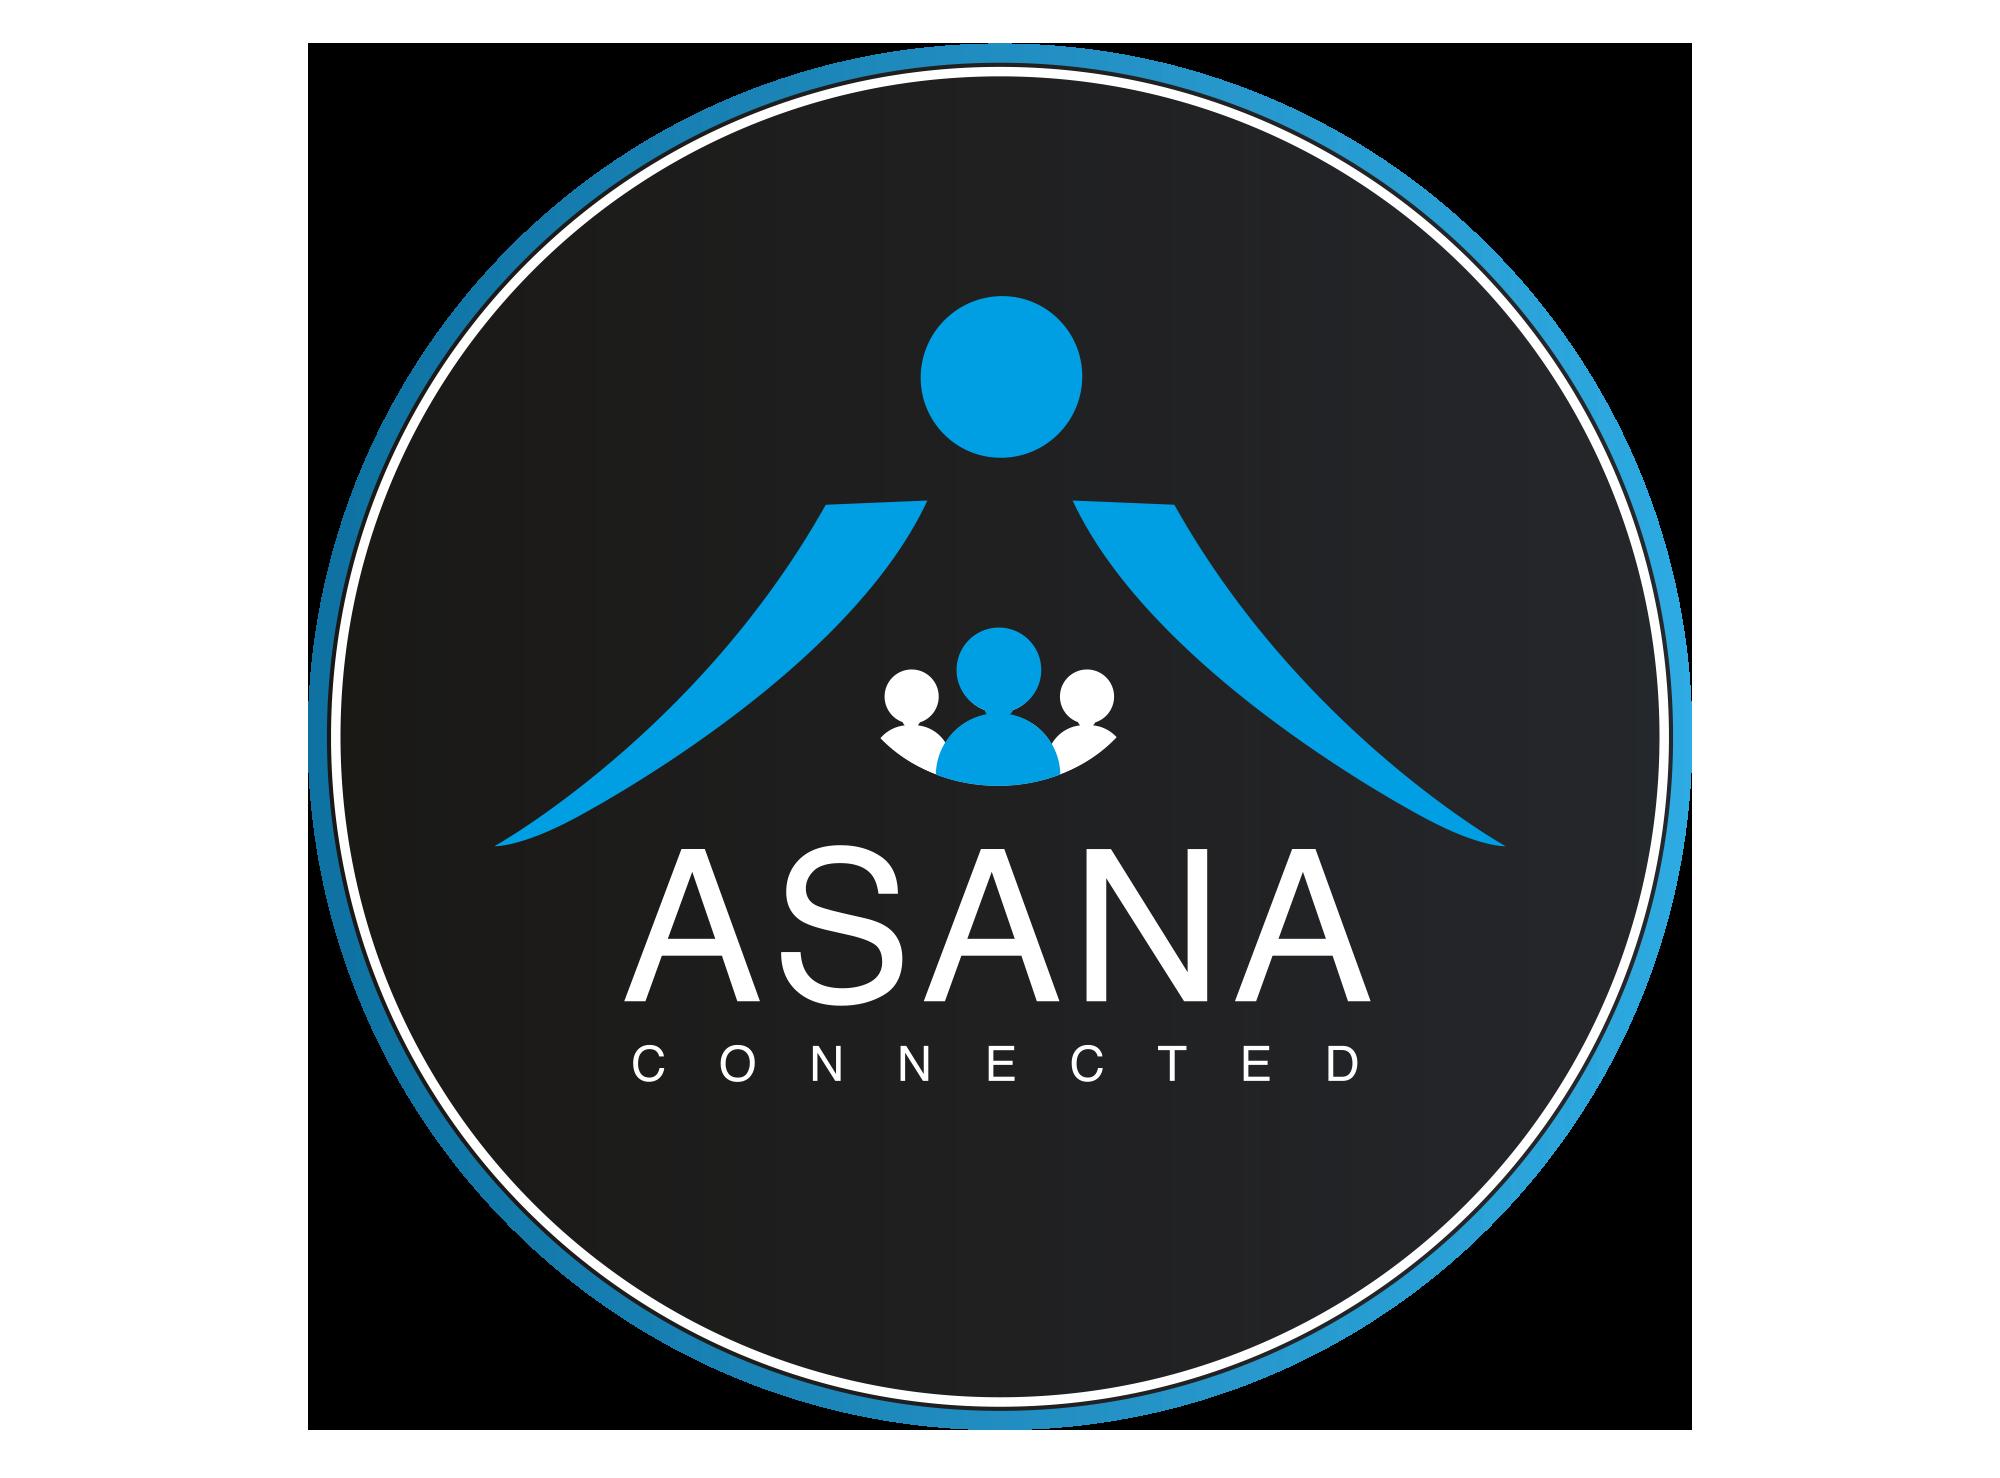 Round logo transparrent